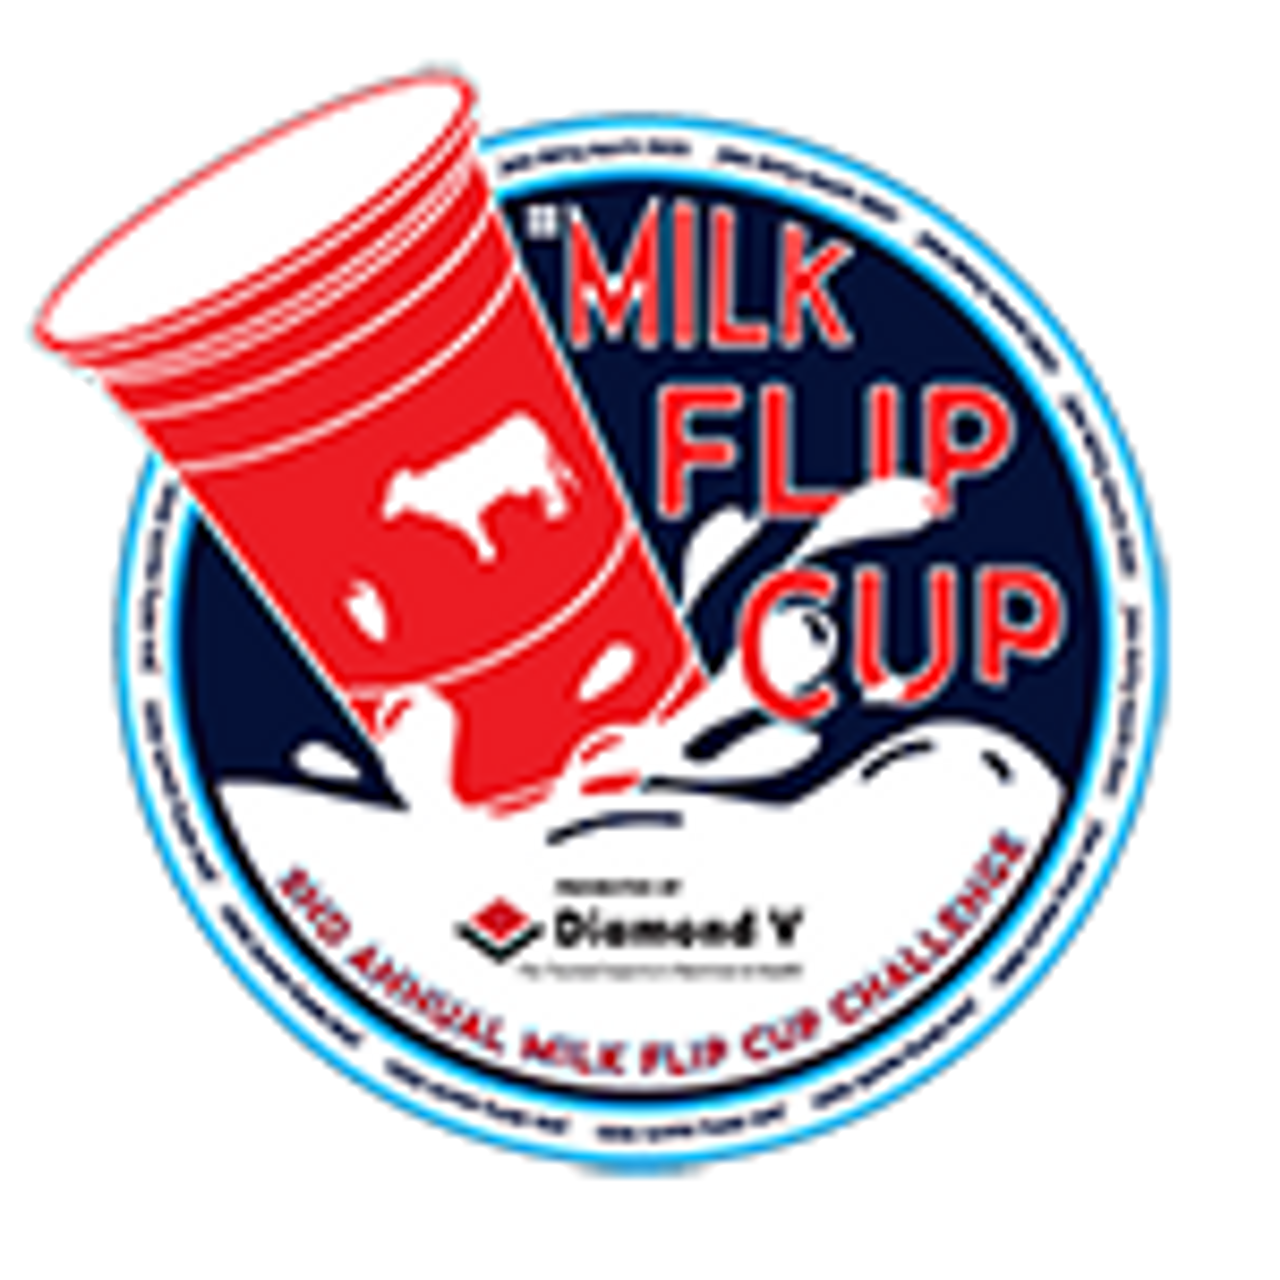 #MilkFlipCup 2021